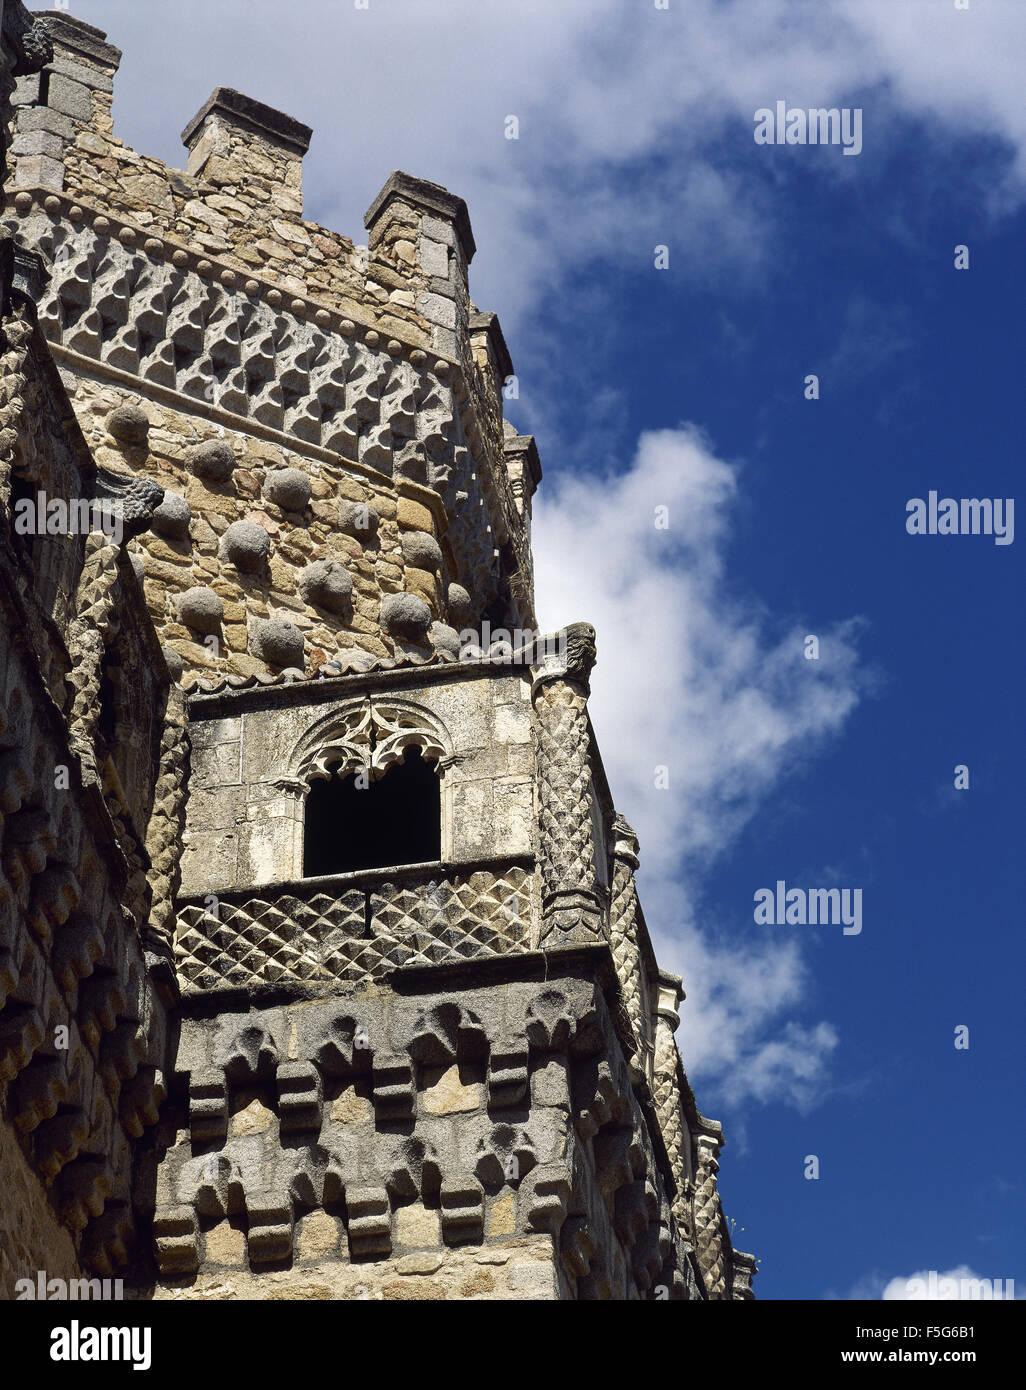 Spain. Manzanares El Real. New Castle of Manzanares el Real. Built in 1475 by Diego Hurtado de Mendoza, son of the Stock Photo